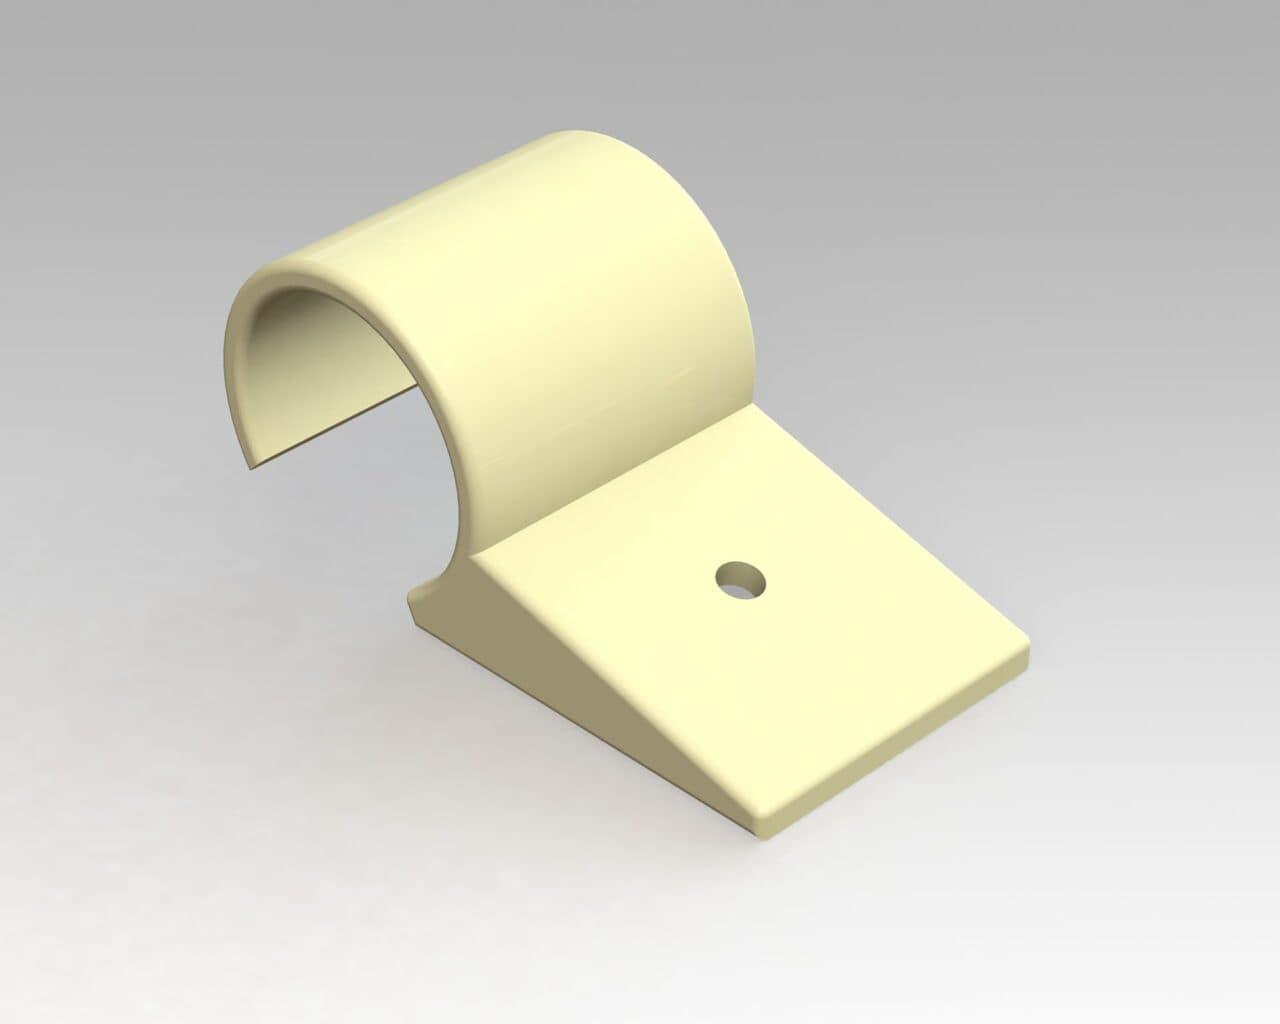 PEK3 Easytube Plastic Accessories GAP-07